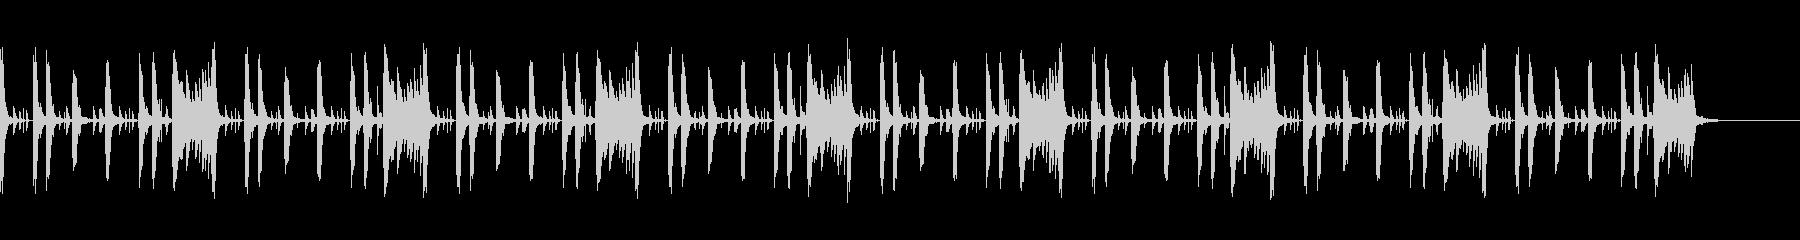 コミカルで軽快なピアノ木琴ループの未再生の波形